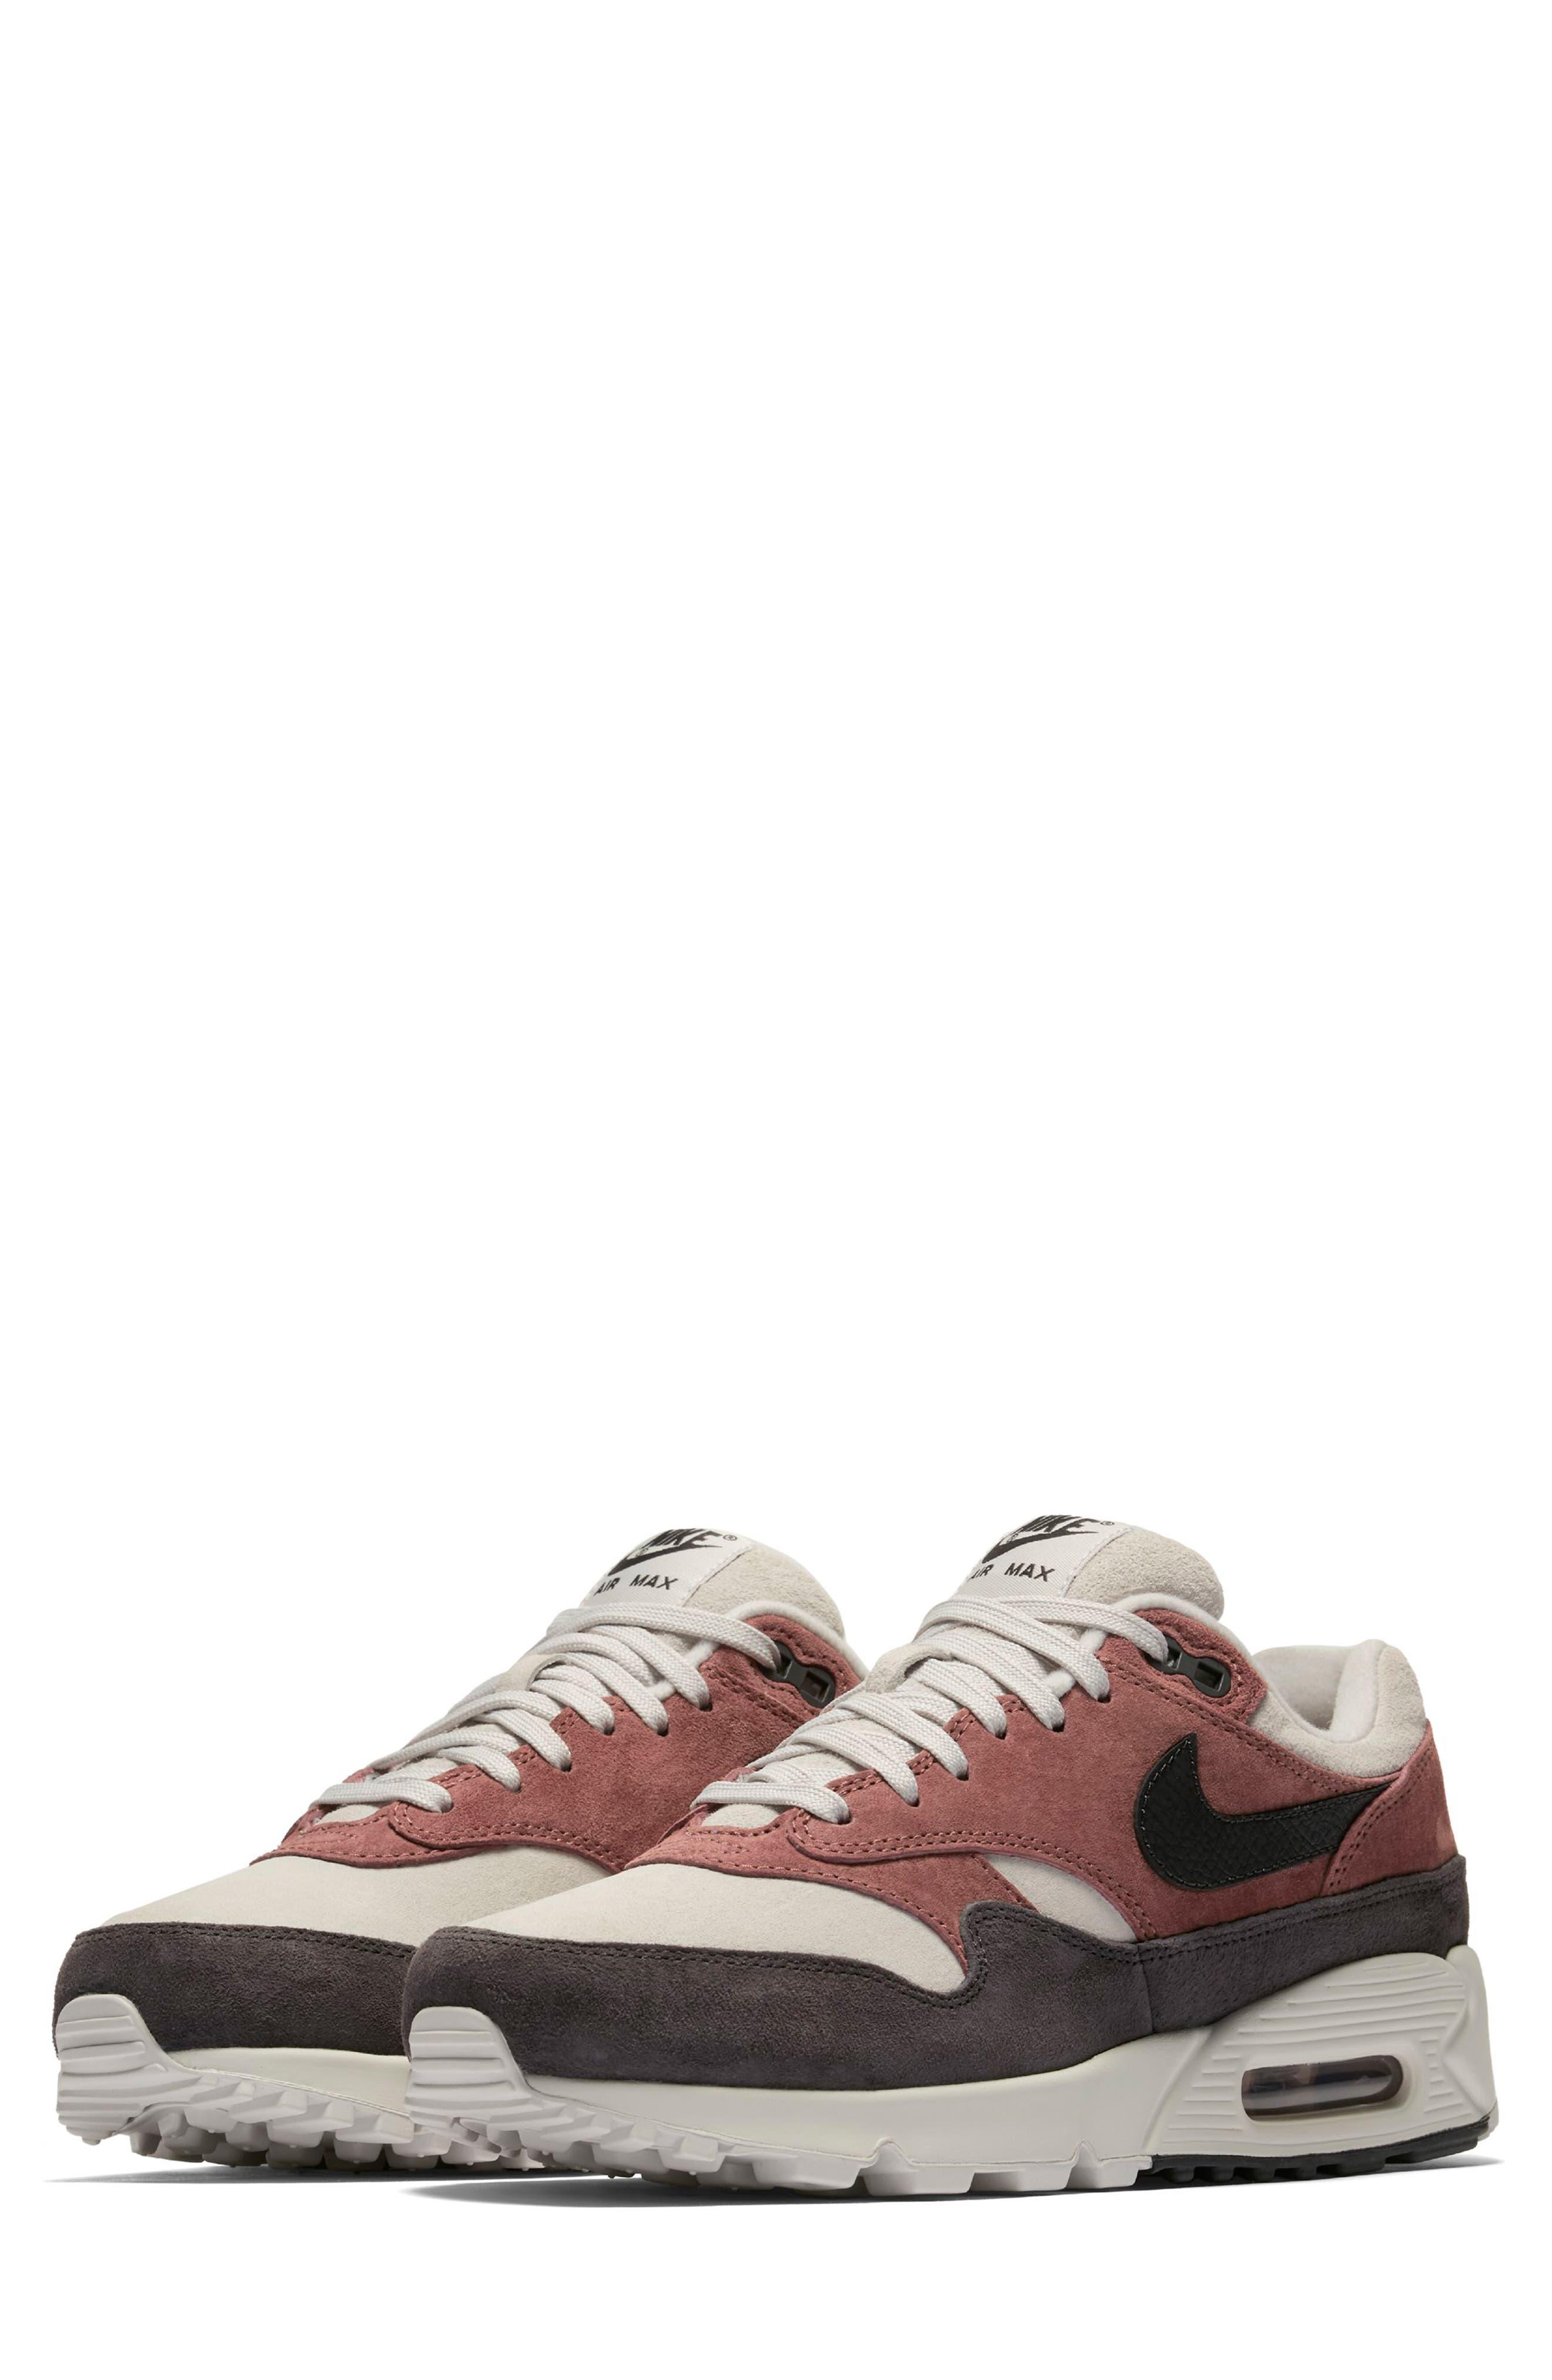 Air Max 90/1 Sneaker,                         Main,                         color, RED SEPIA/ OIL GREY-VAST GREY